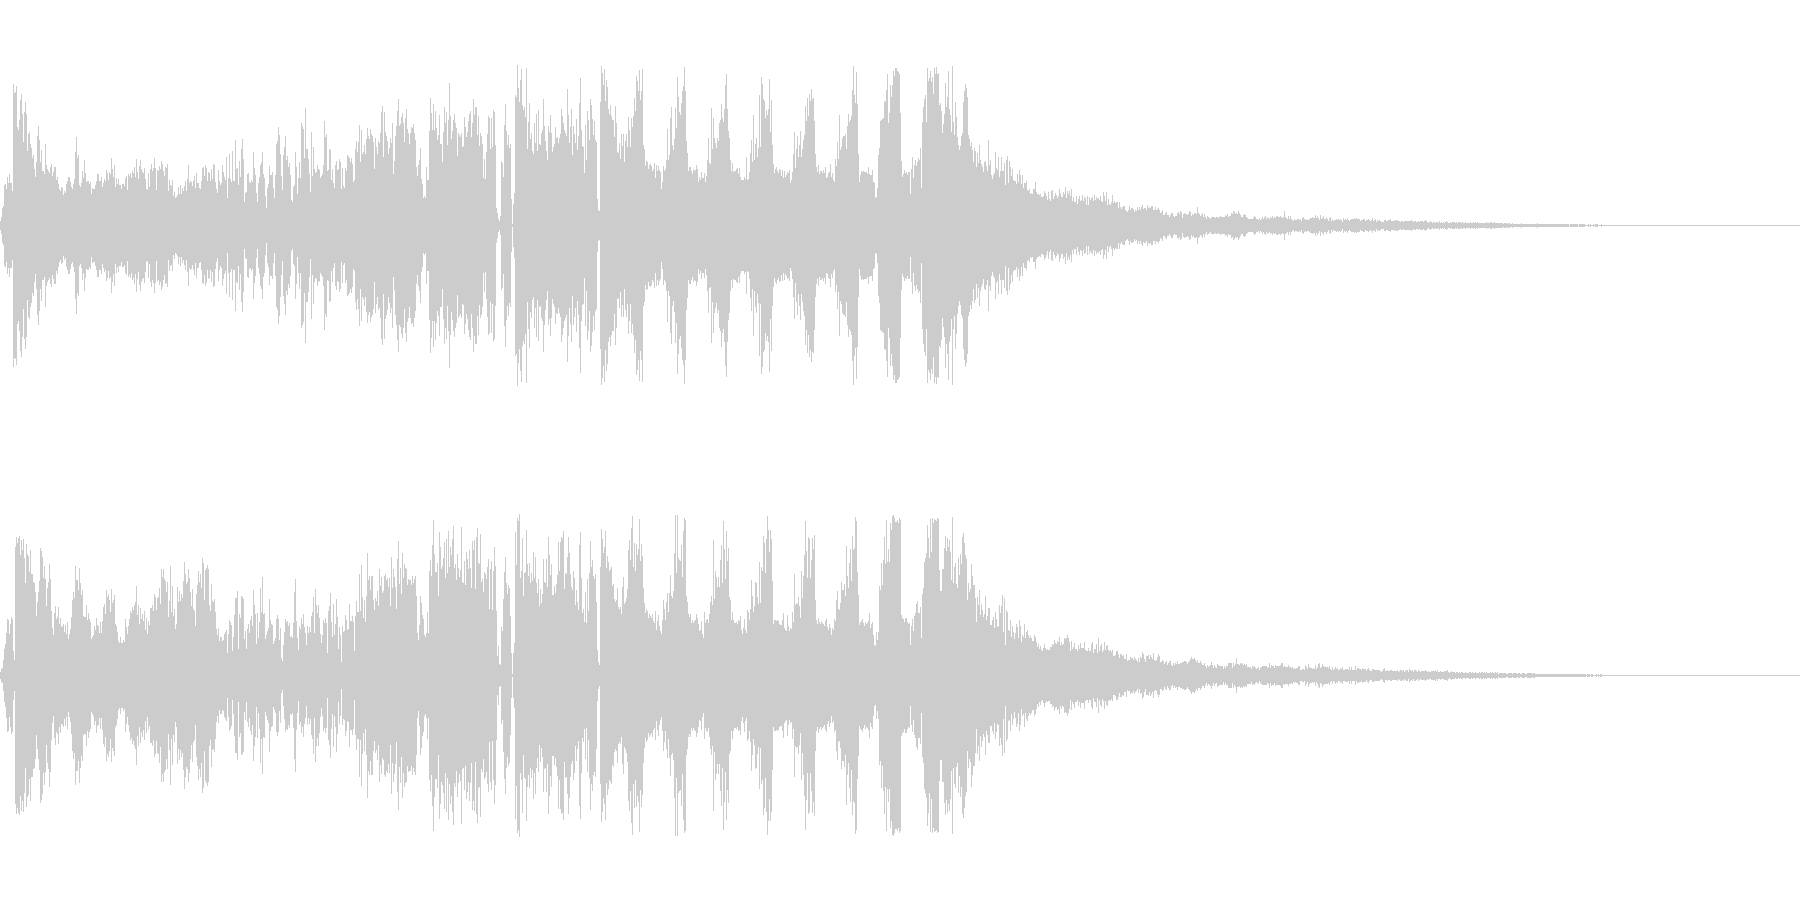 【DJジングル・EDM】オープニングBの未再生の波形